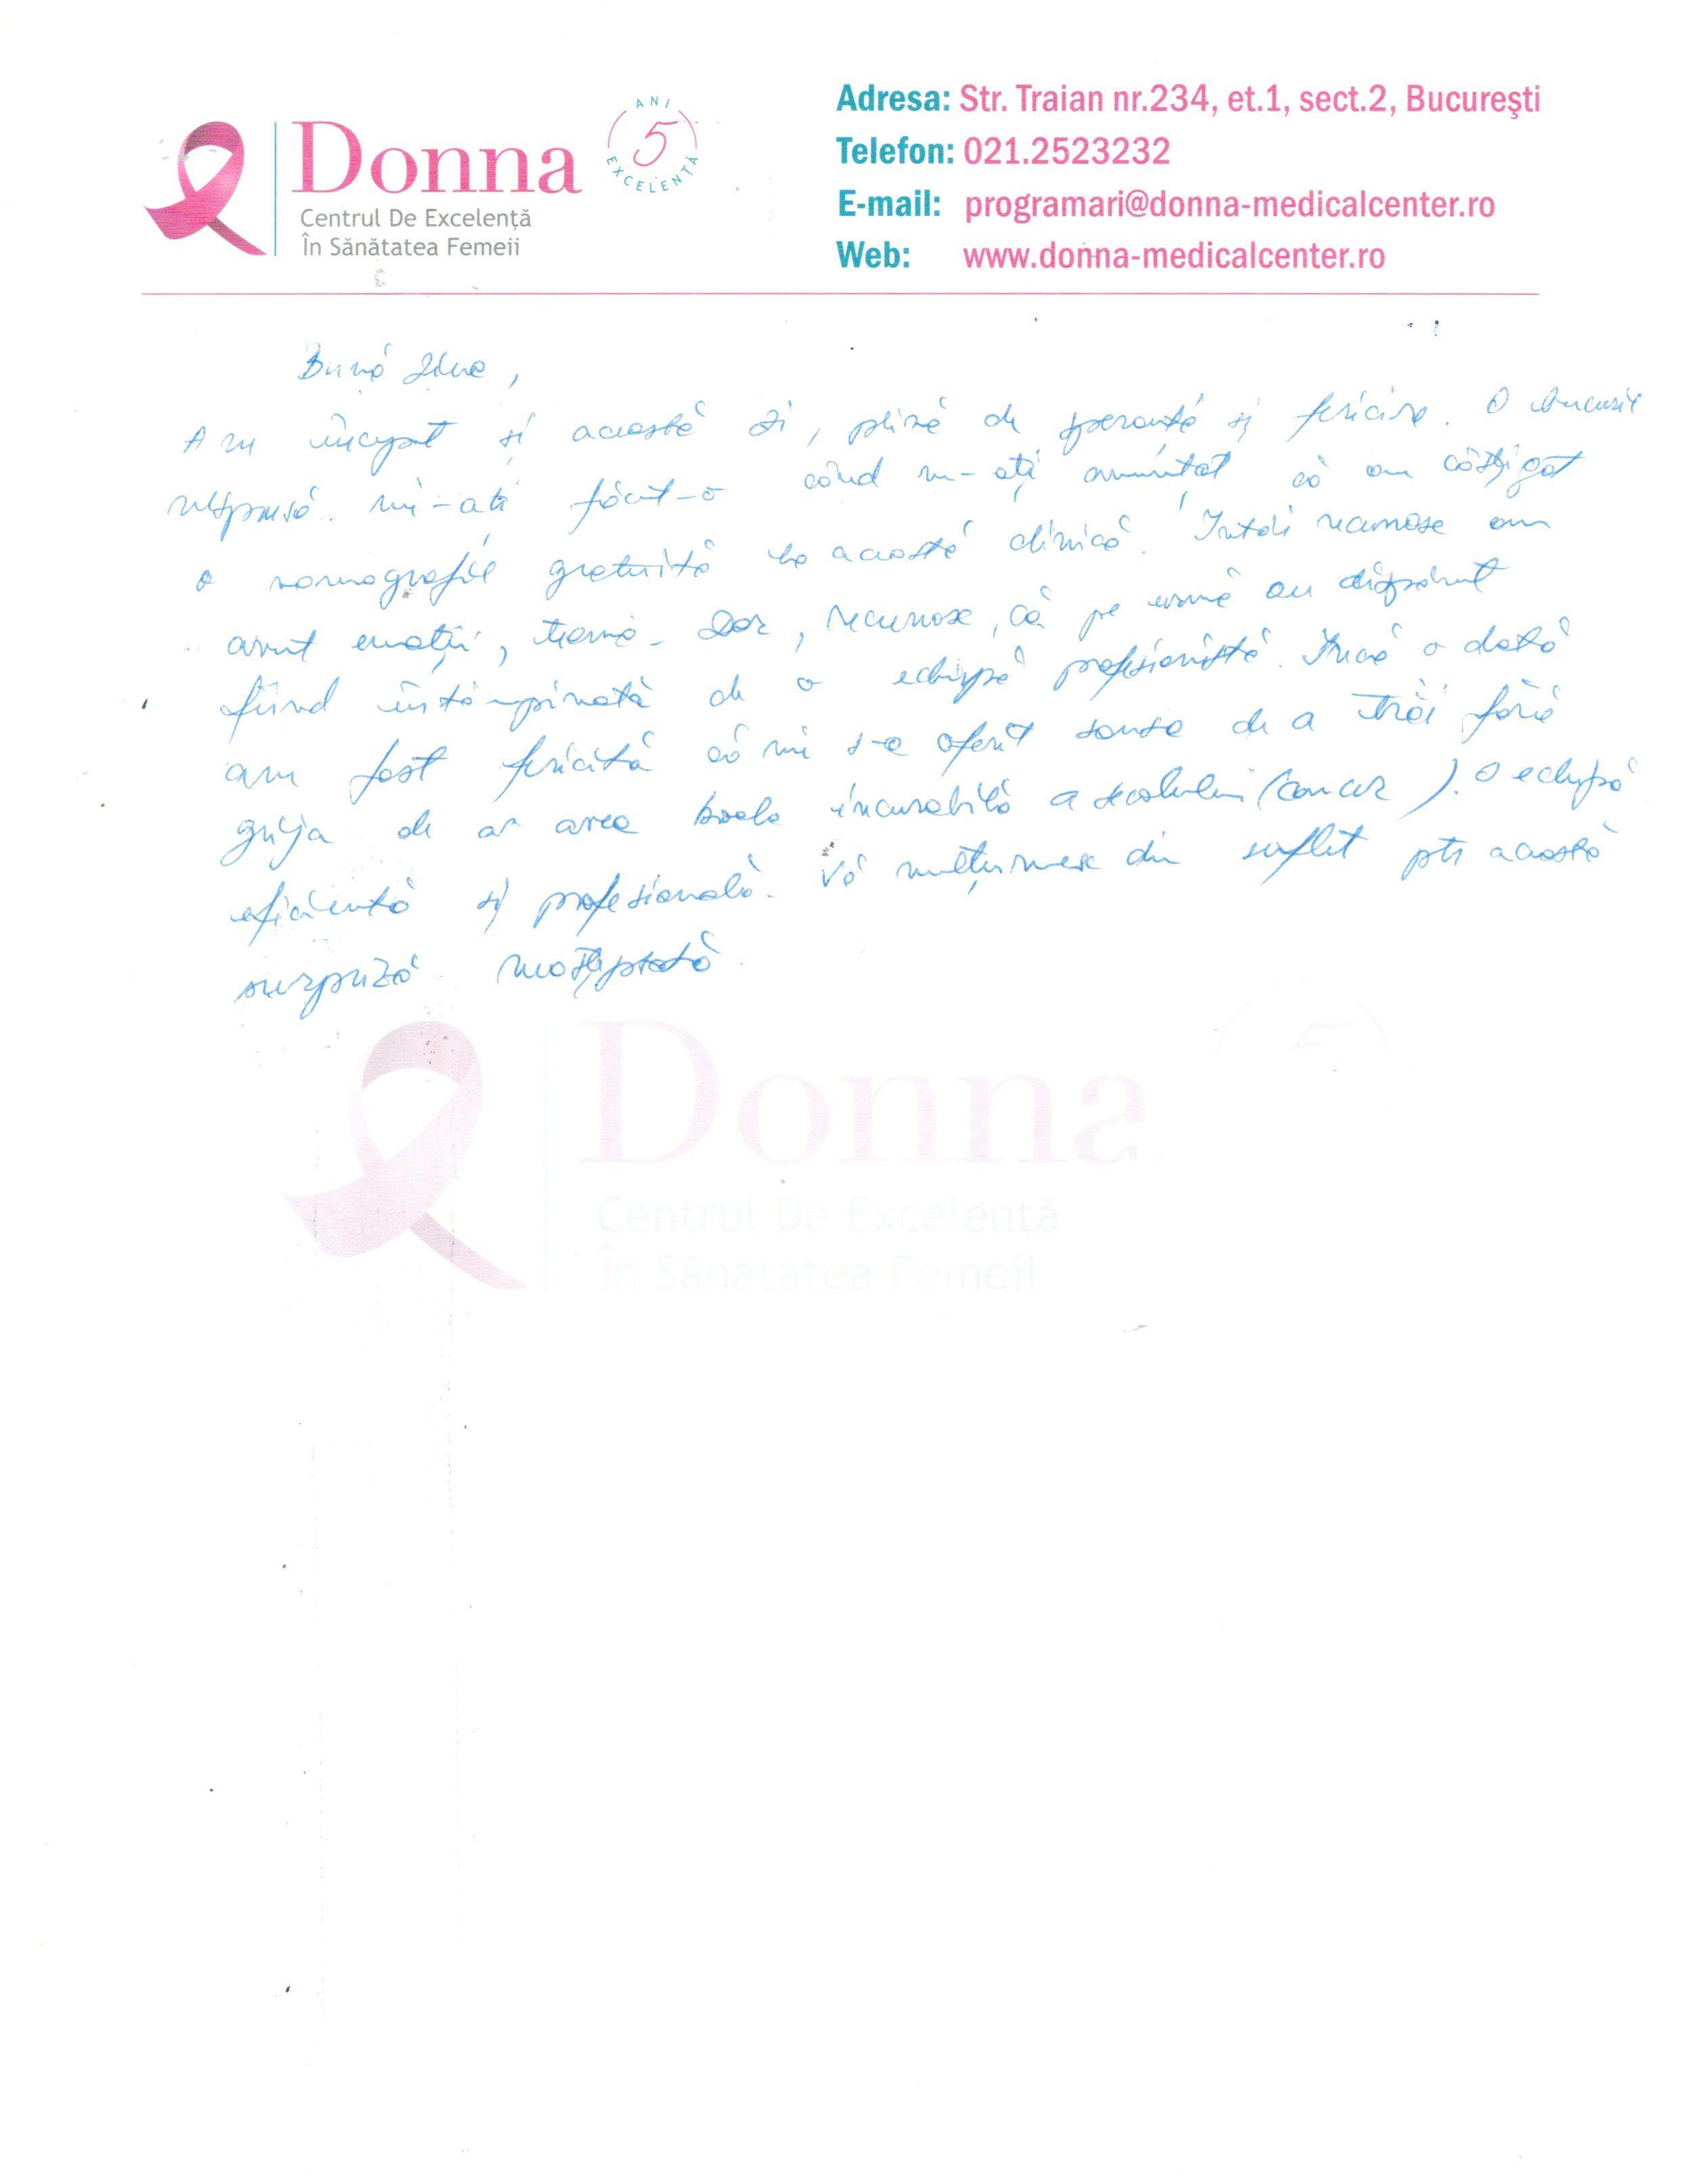 Lăcrămioara - Campania #FiiOsuperDonna, 27.04.2017